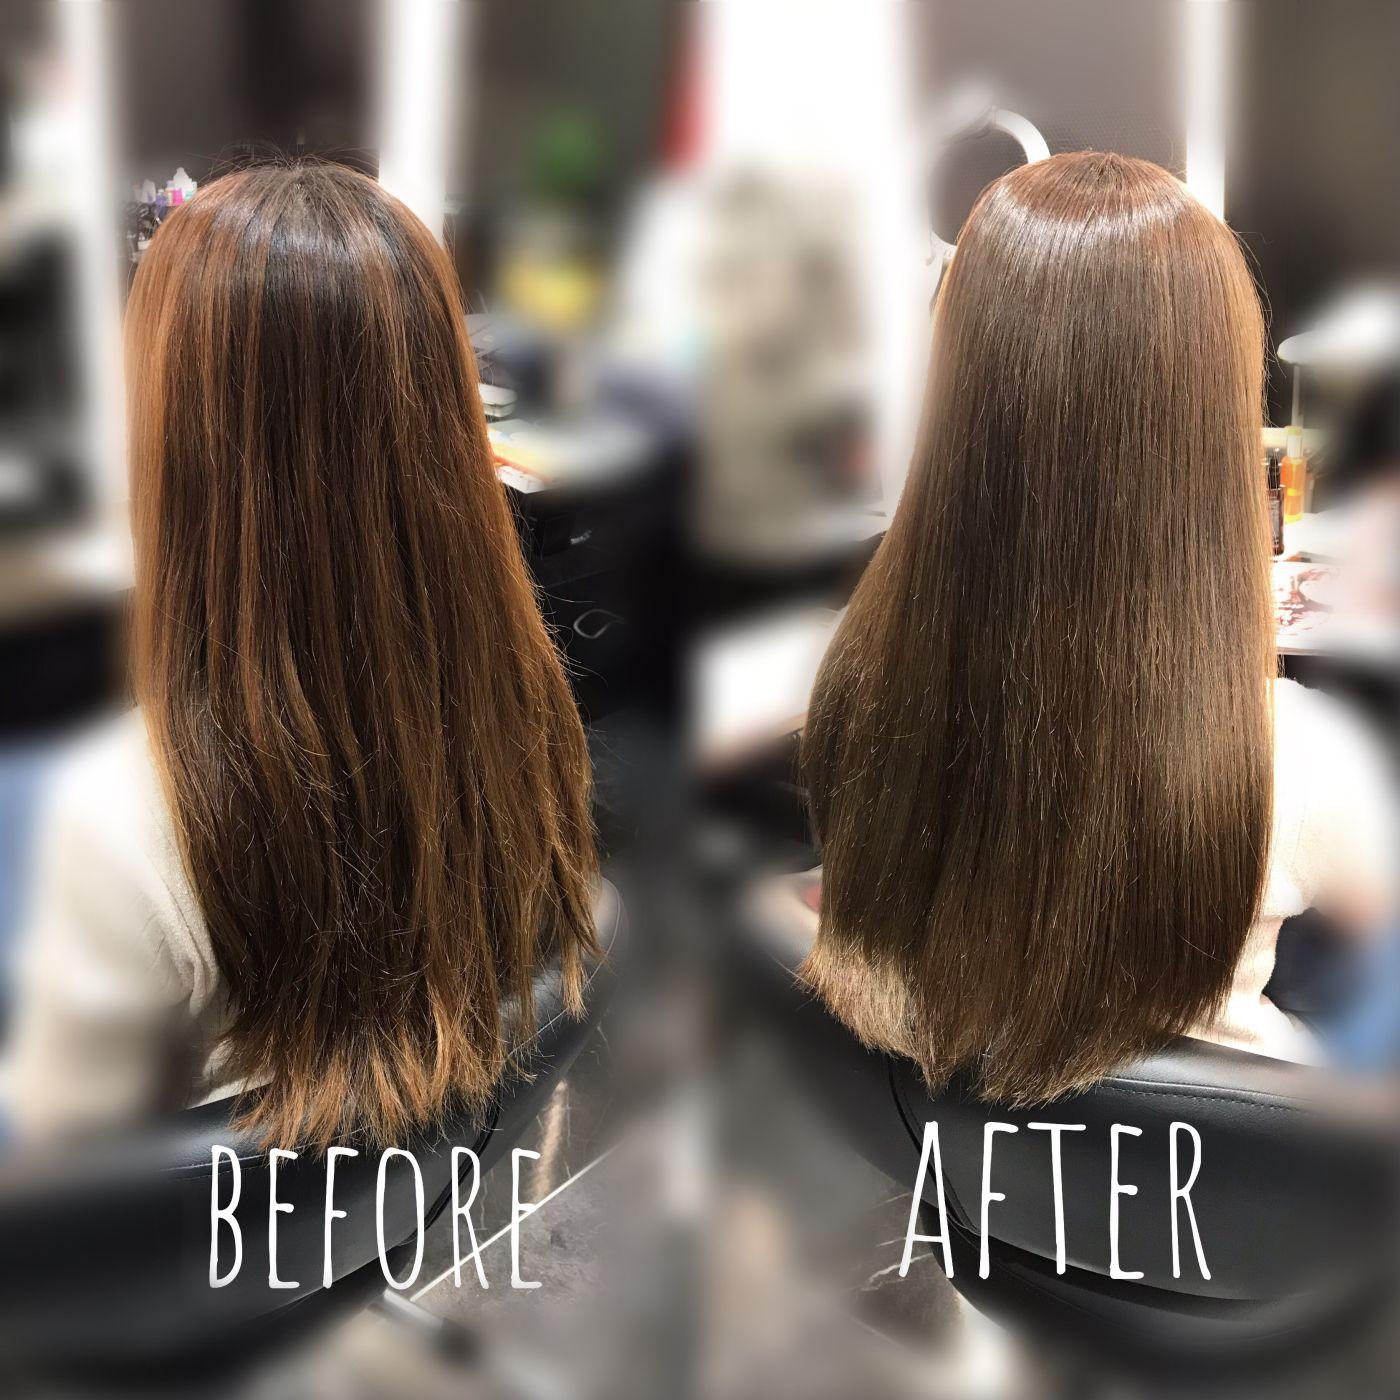 パサつきをすごく気になる方は髪質が変わる髪質改善メニュー+イルミナカラー